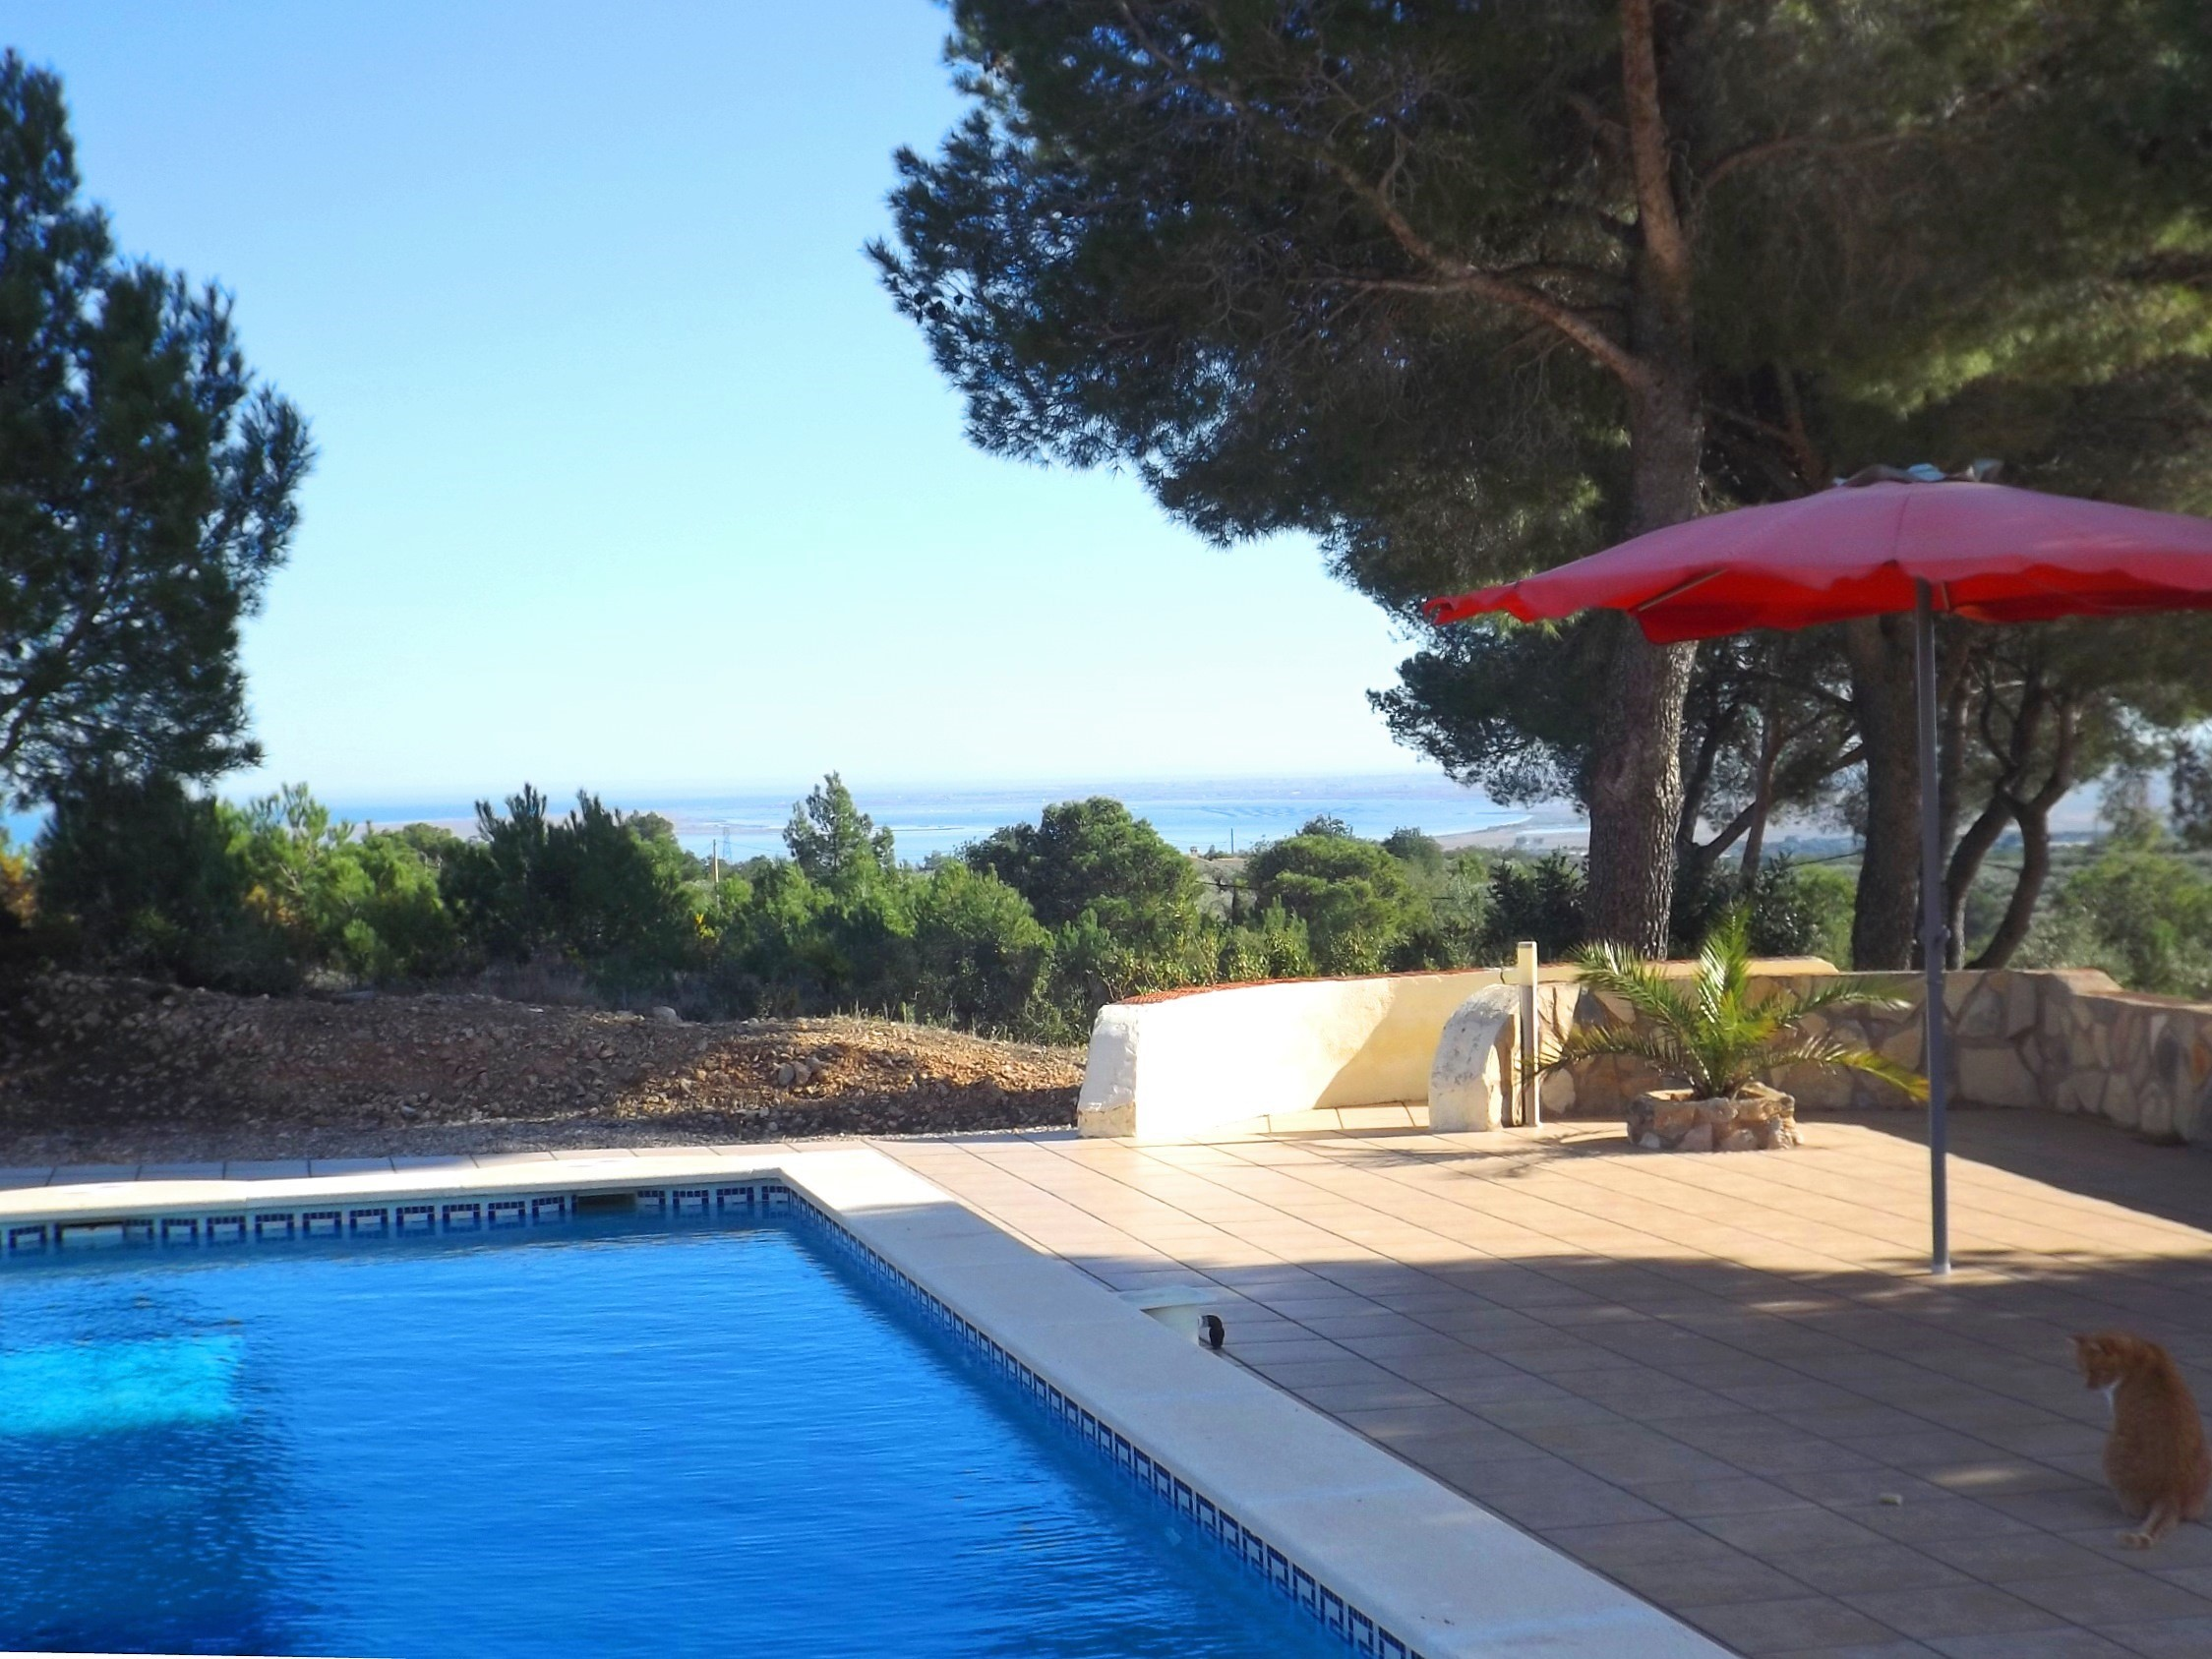 Vakantiehuis in Spanje privé zwembad